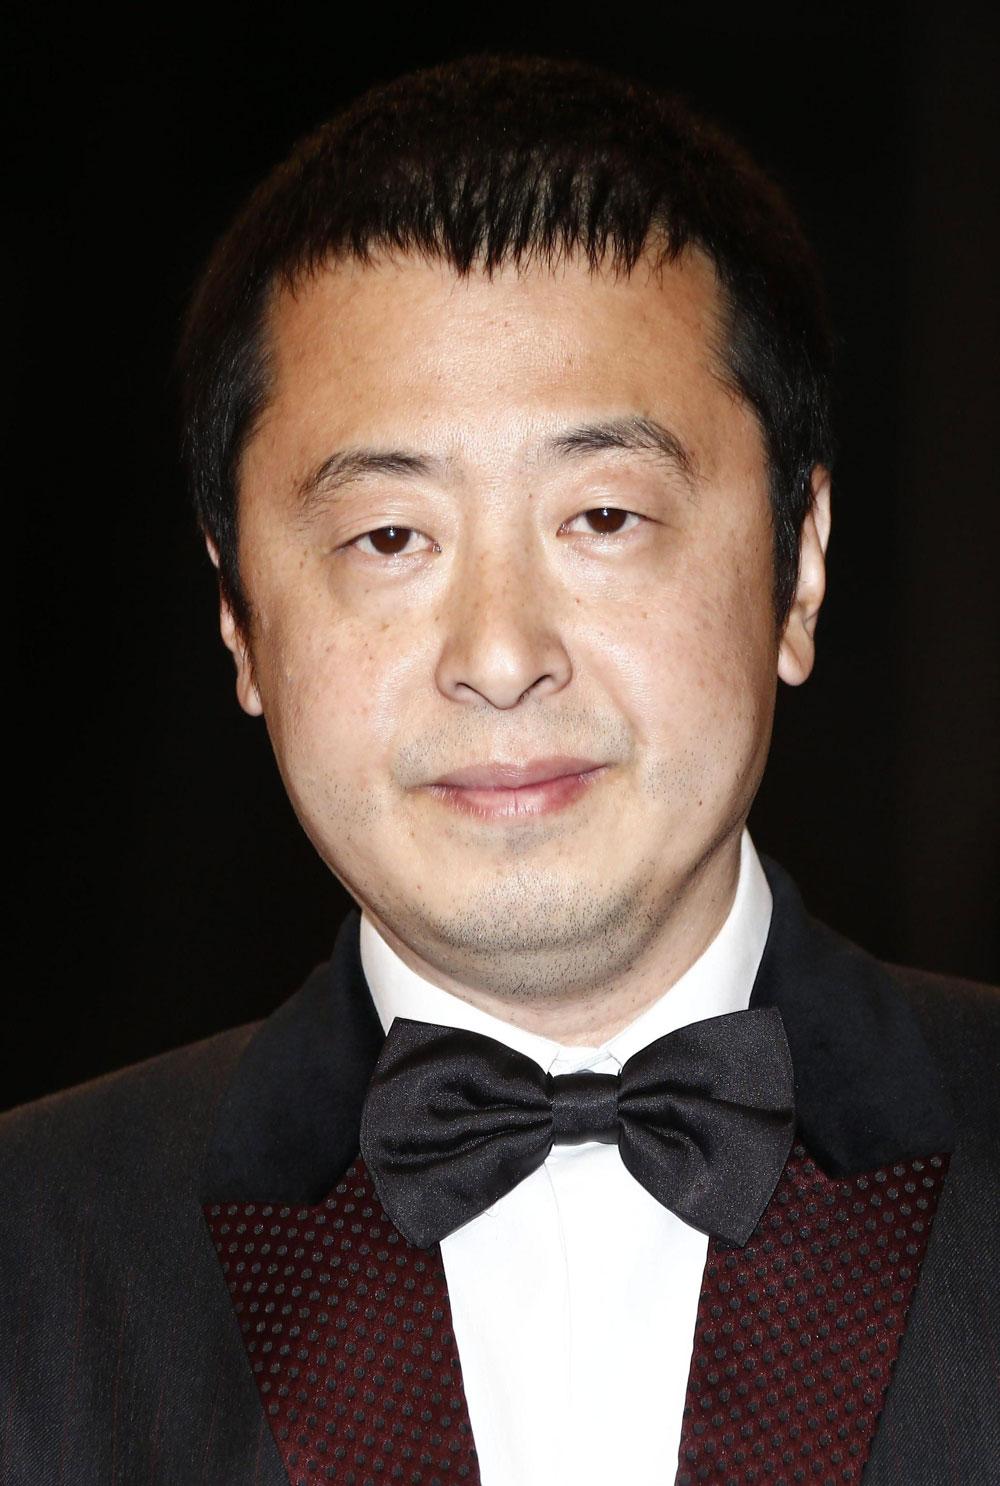 In foto Jia Zhangke (51 anni) Dall'articolo: Festival di Cannes, la giovinezza di Sorrentino.